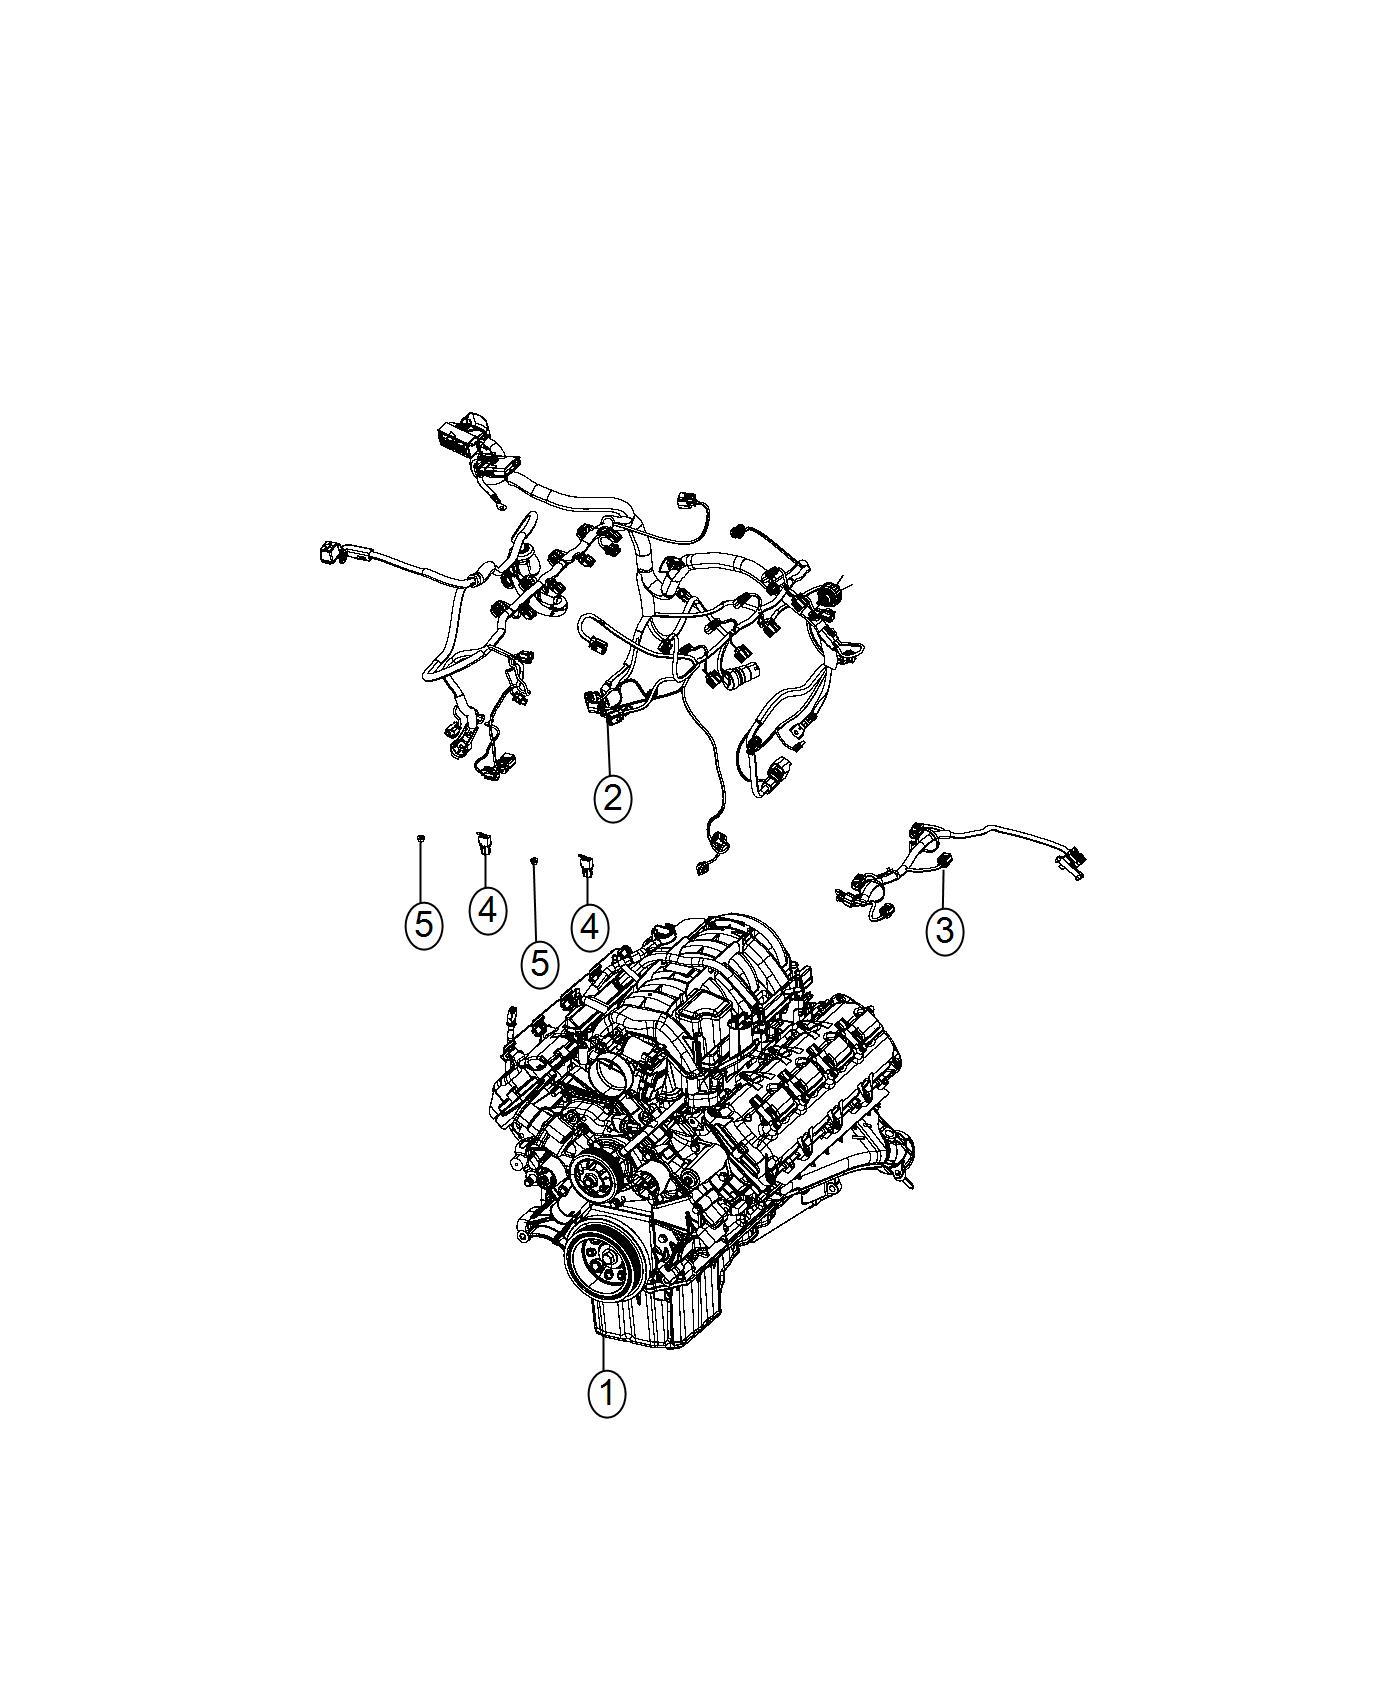 Dodge Challenger Wiring Engine Powertrain Oil Mopar